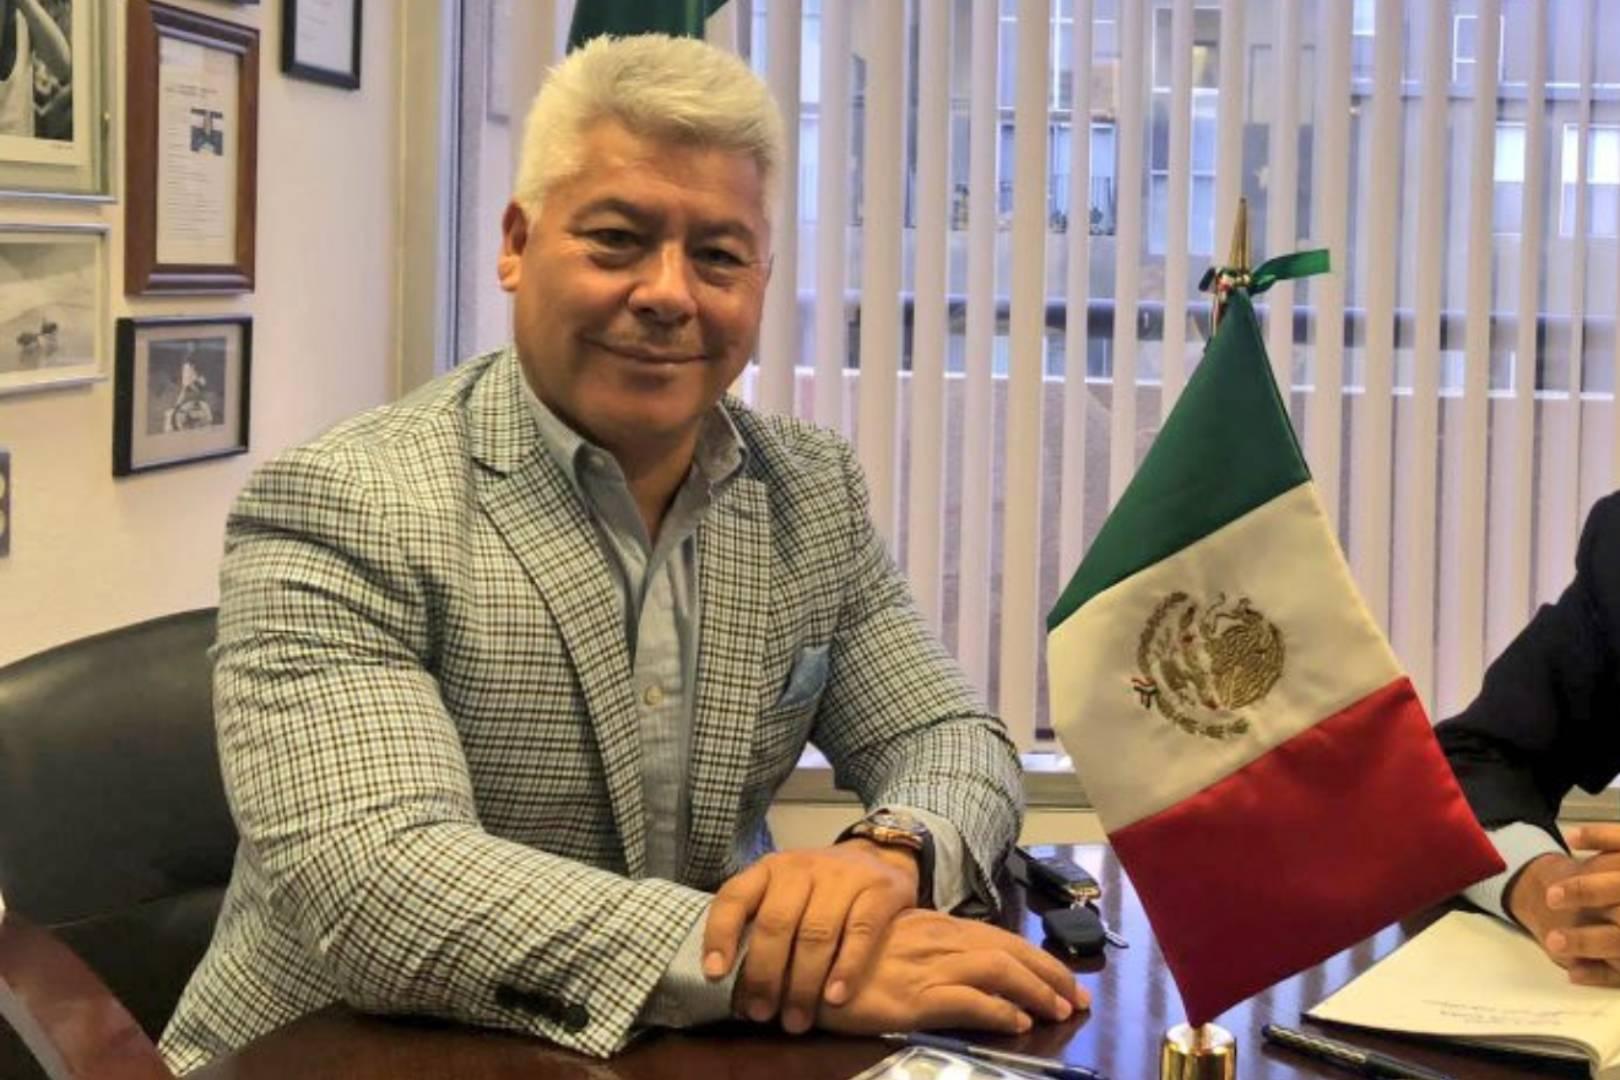 Canacar Israel Delgado